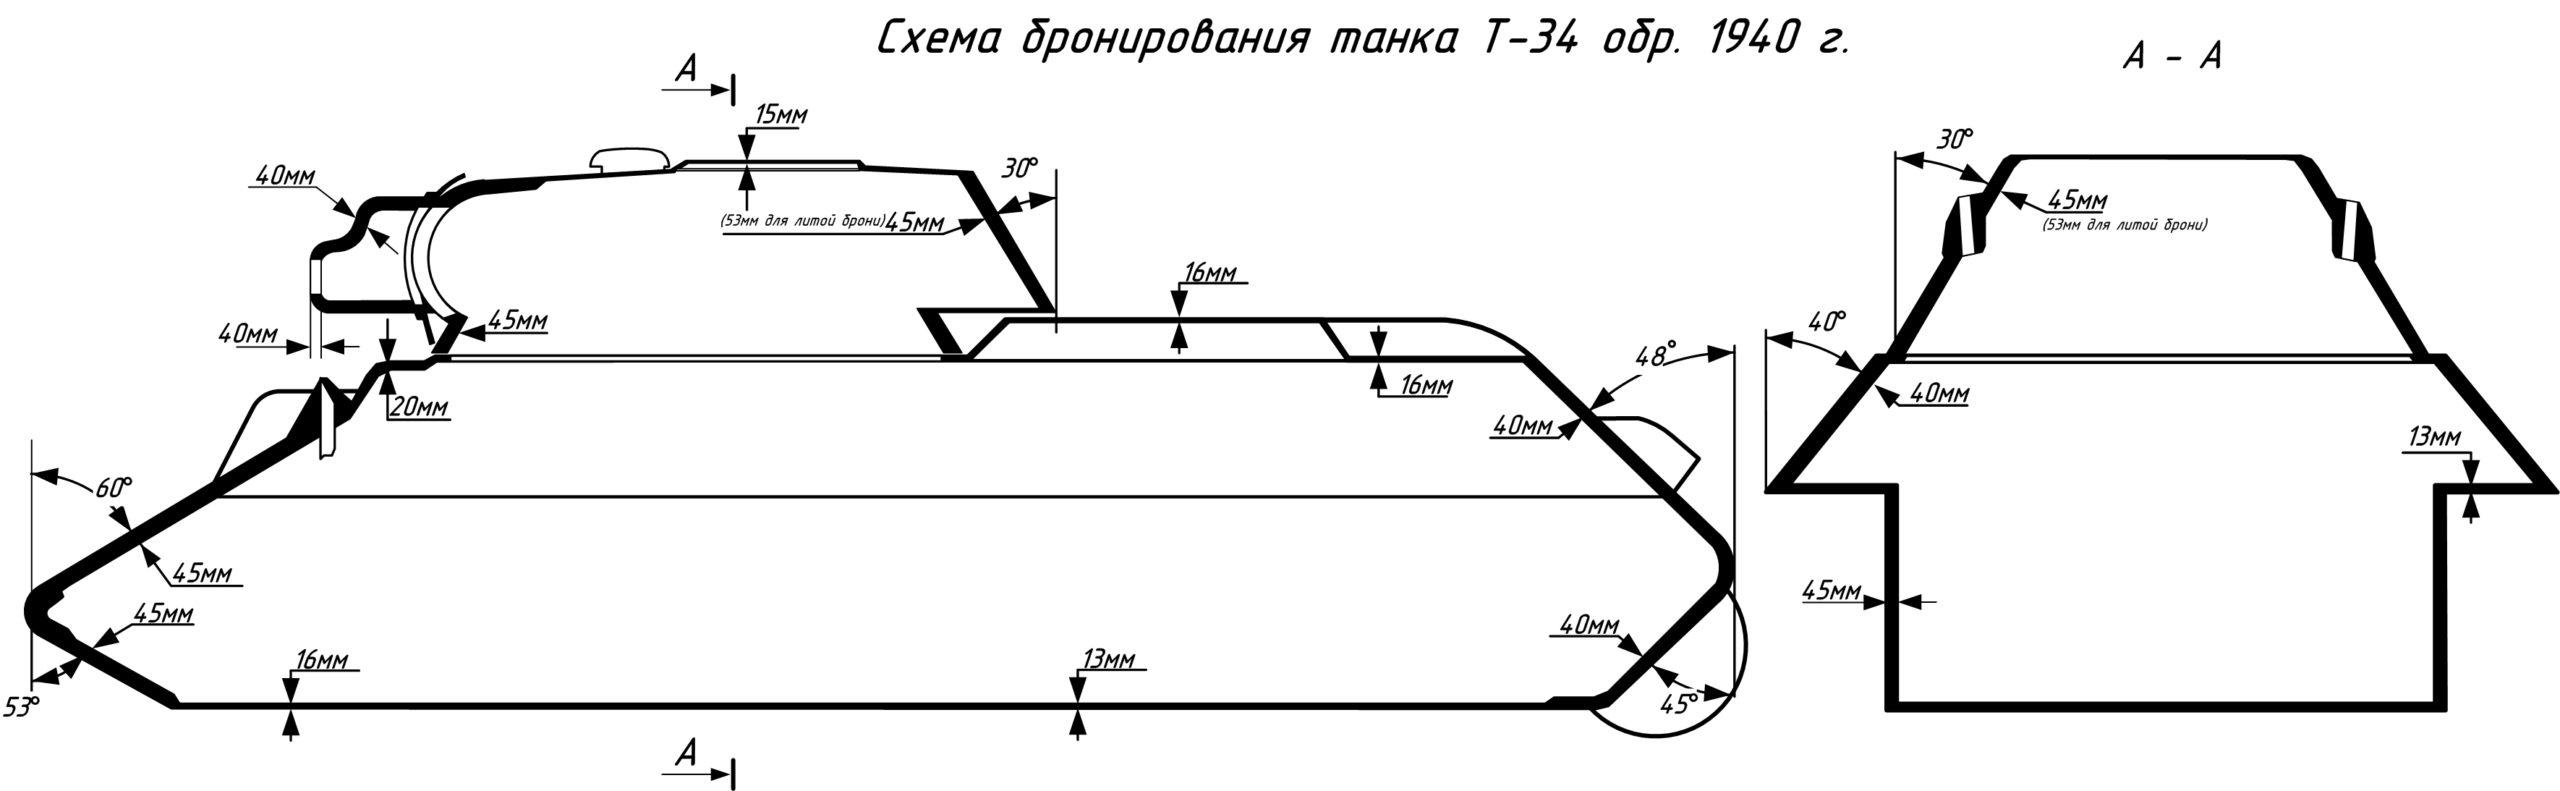 T-34 obr. 40 páncélzatának részletezése Forrás: Wikimedia #moszkvater